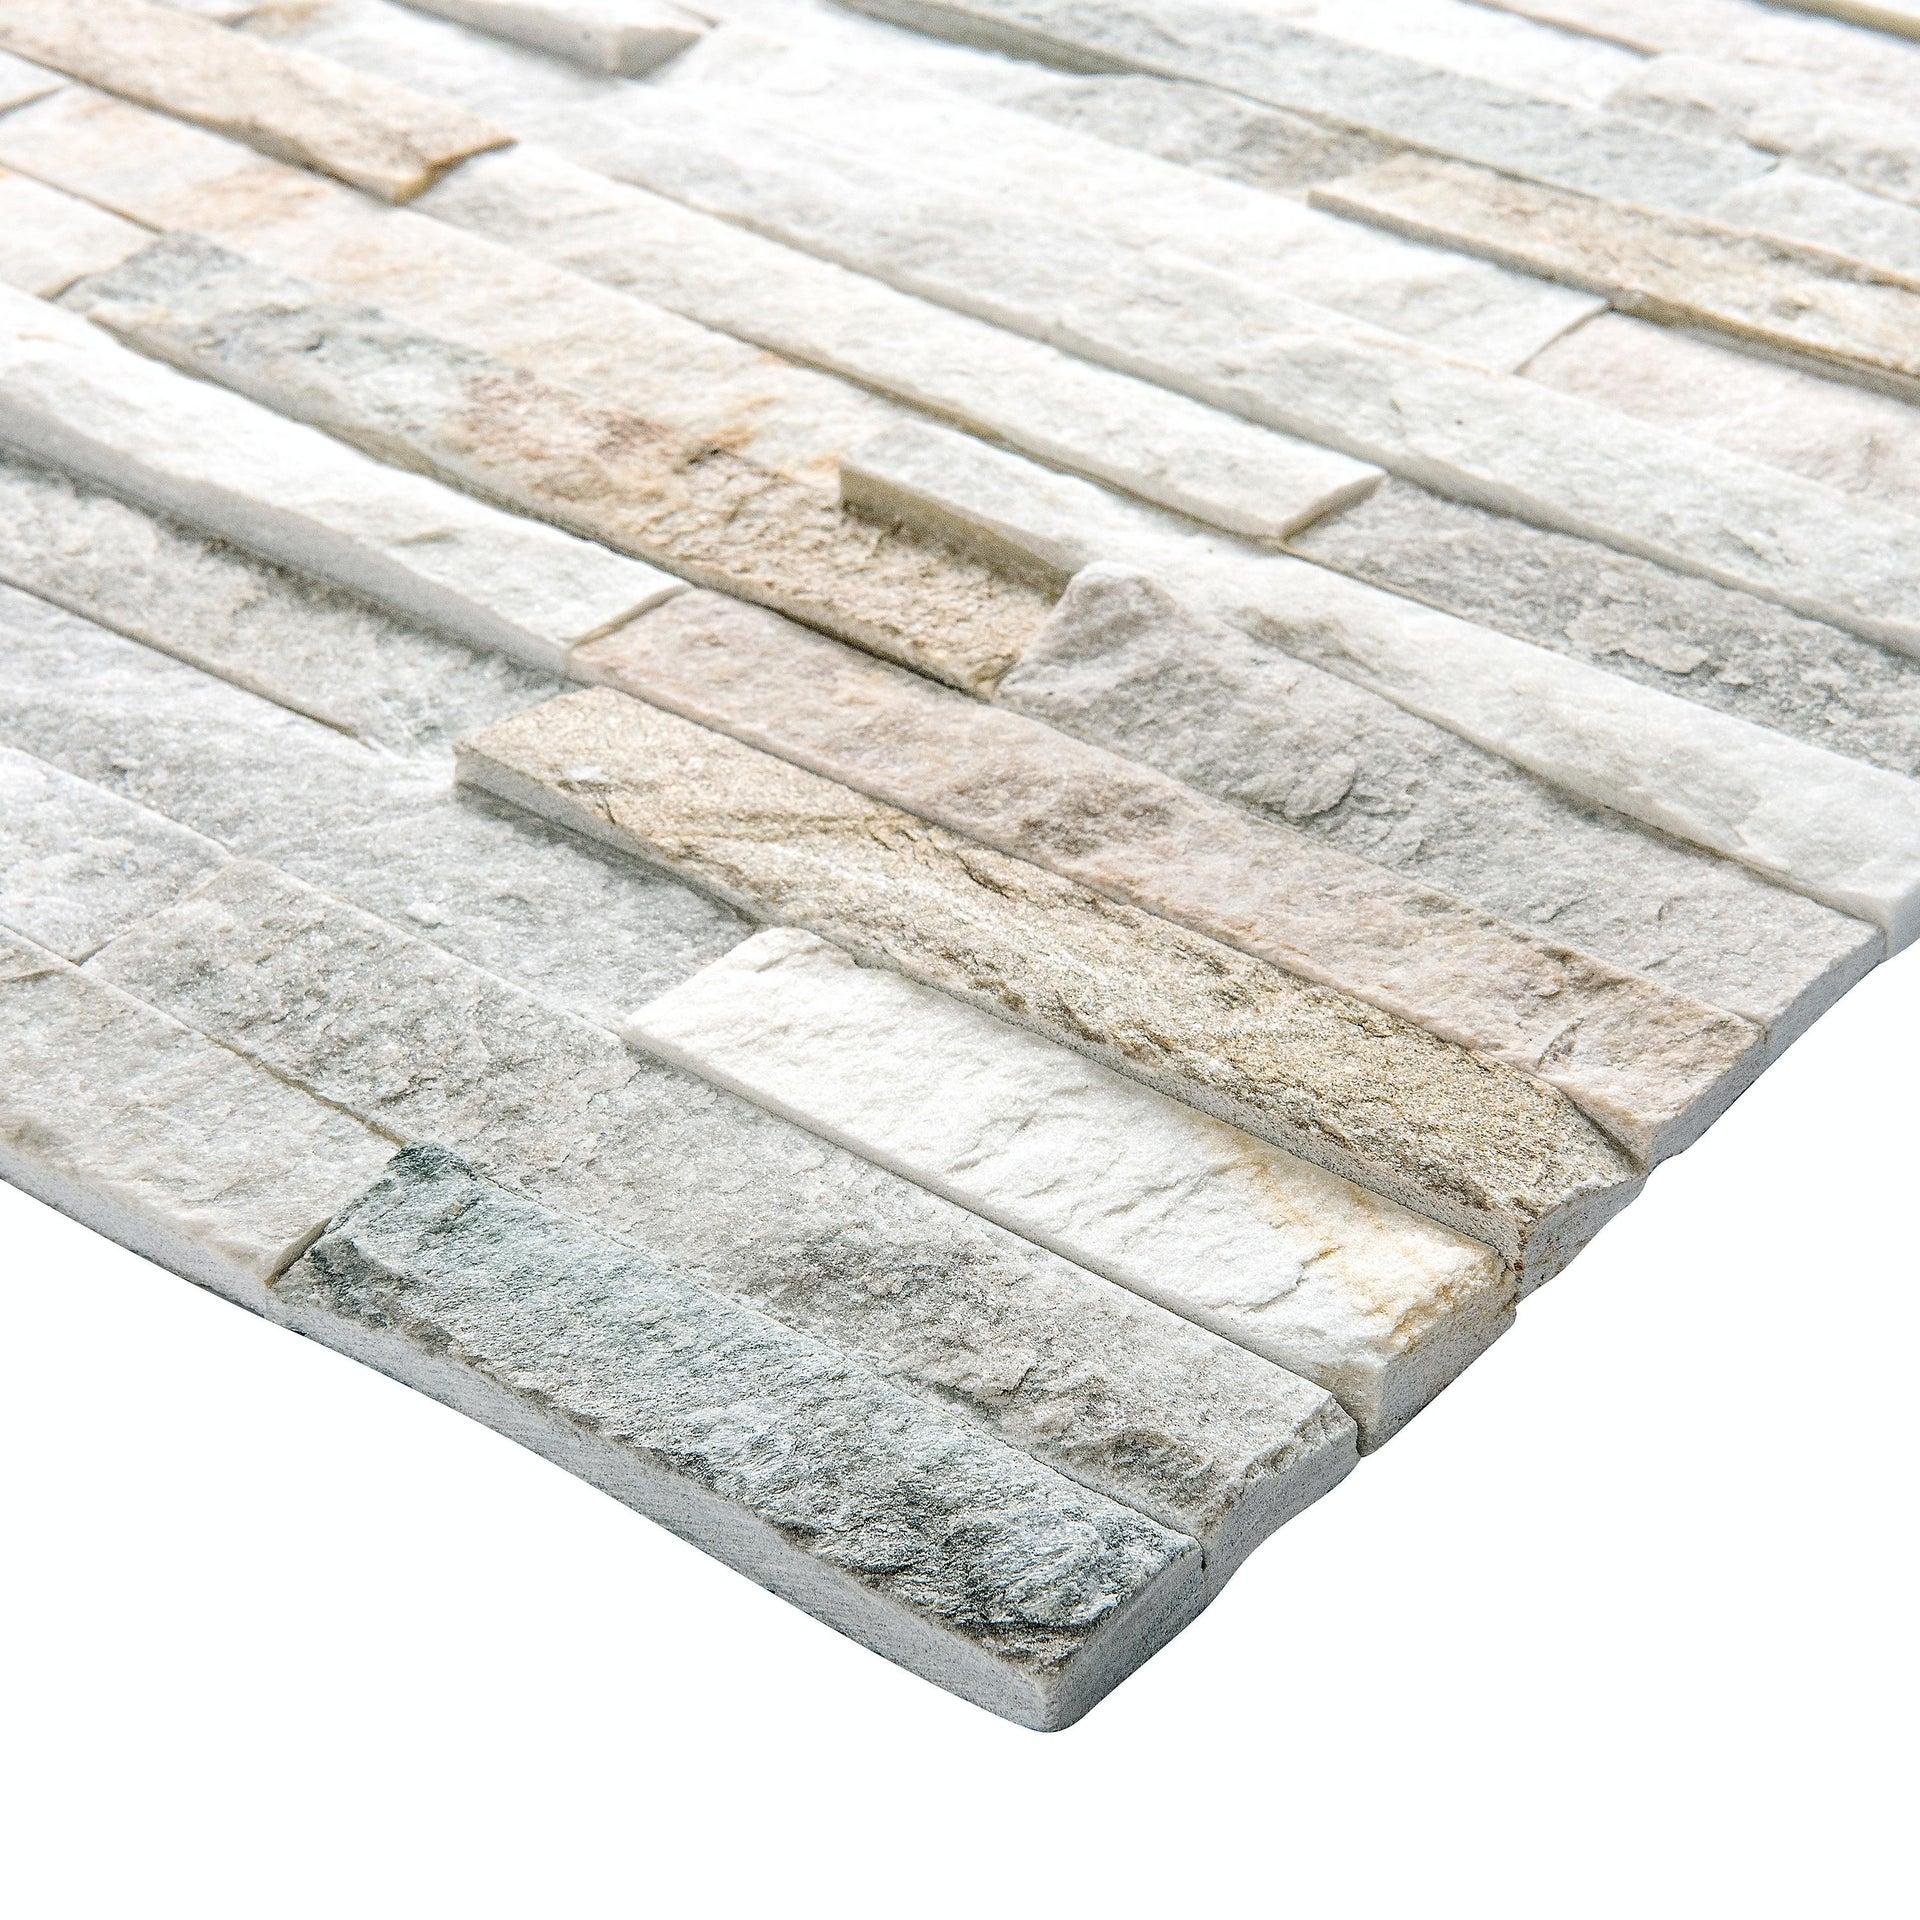 Rivestimento strutturato in pietra naturale Meru L 40 x L 10 cm, Sp 12 mm interno / esterno - 2